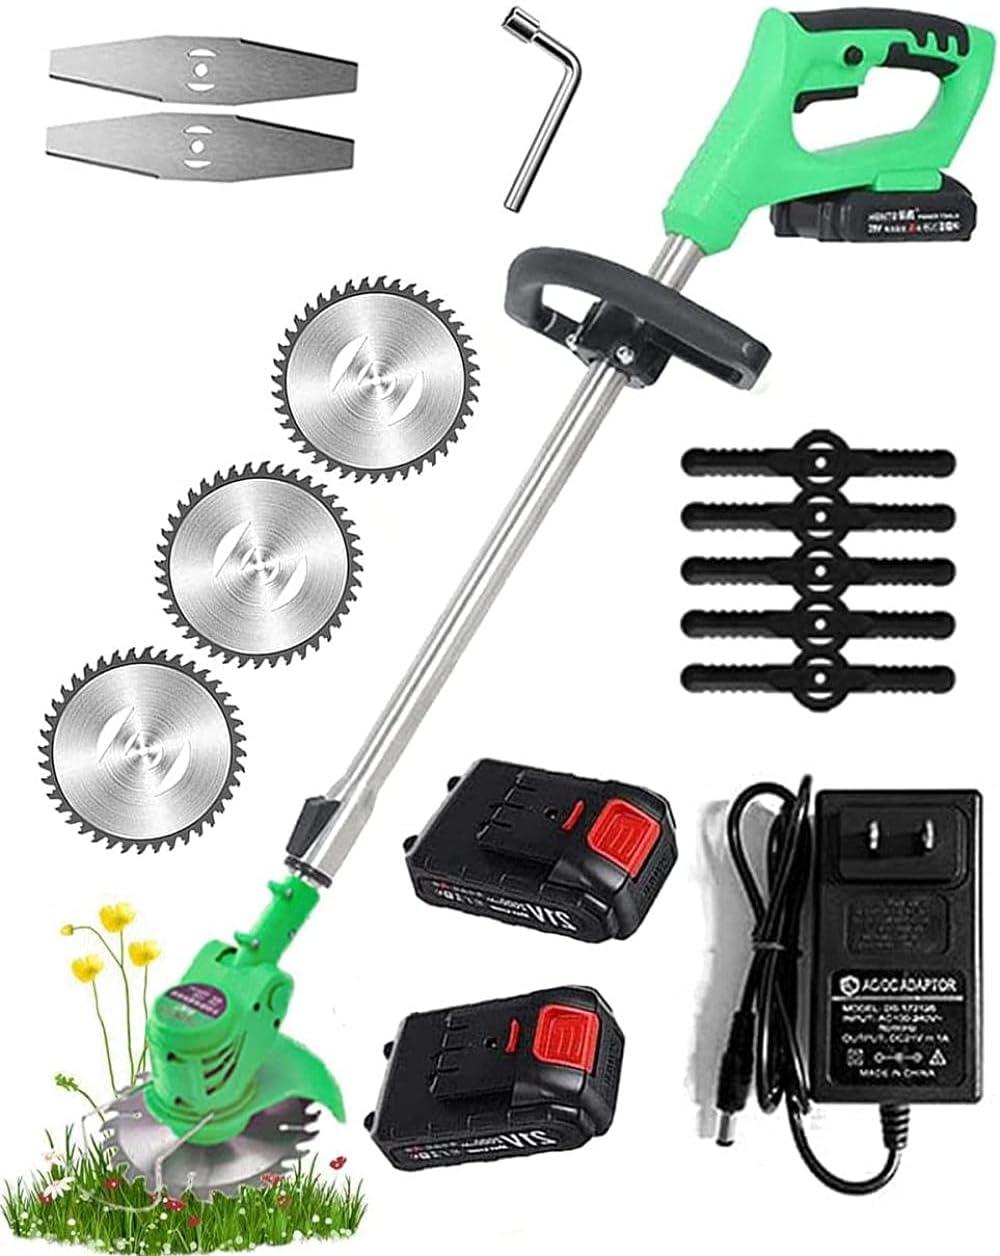 Cortadora de césped eléctrica de batería (21V 2 0AH) Cortadora de césped de batería con batería portátil cortadora de césped Ajustable 90-120 cm-Verde